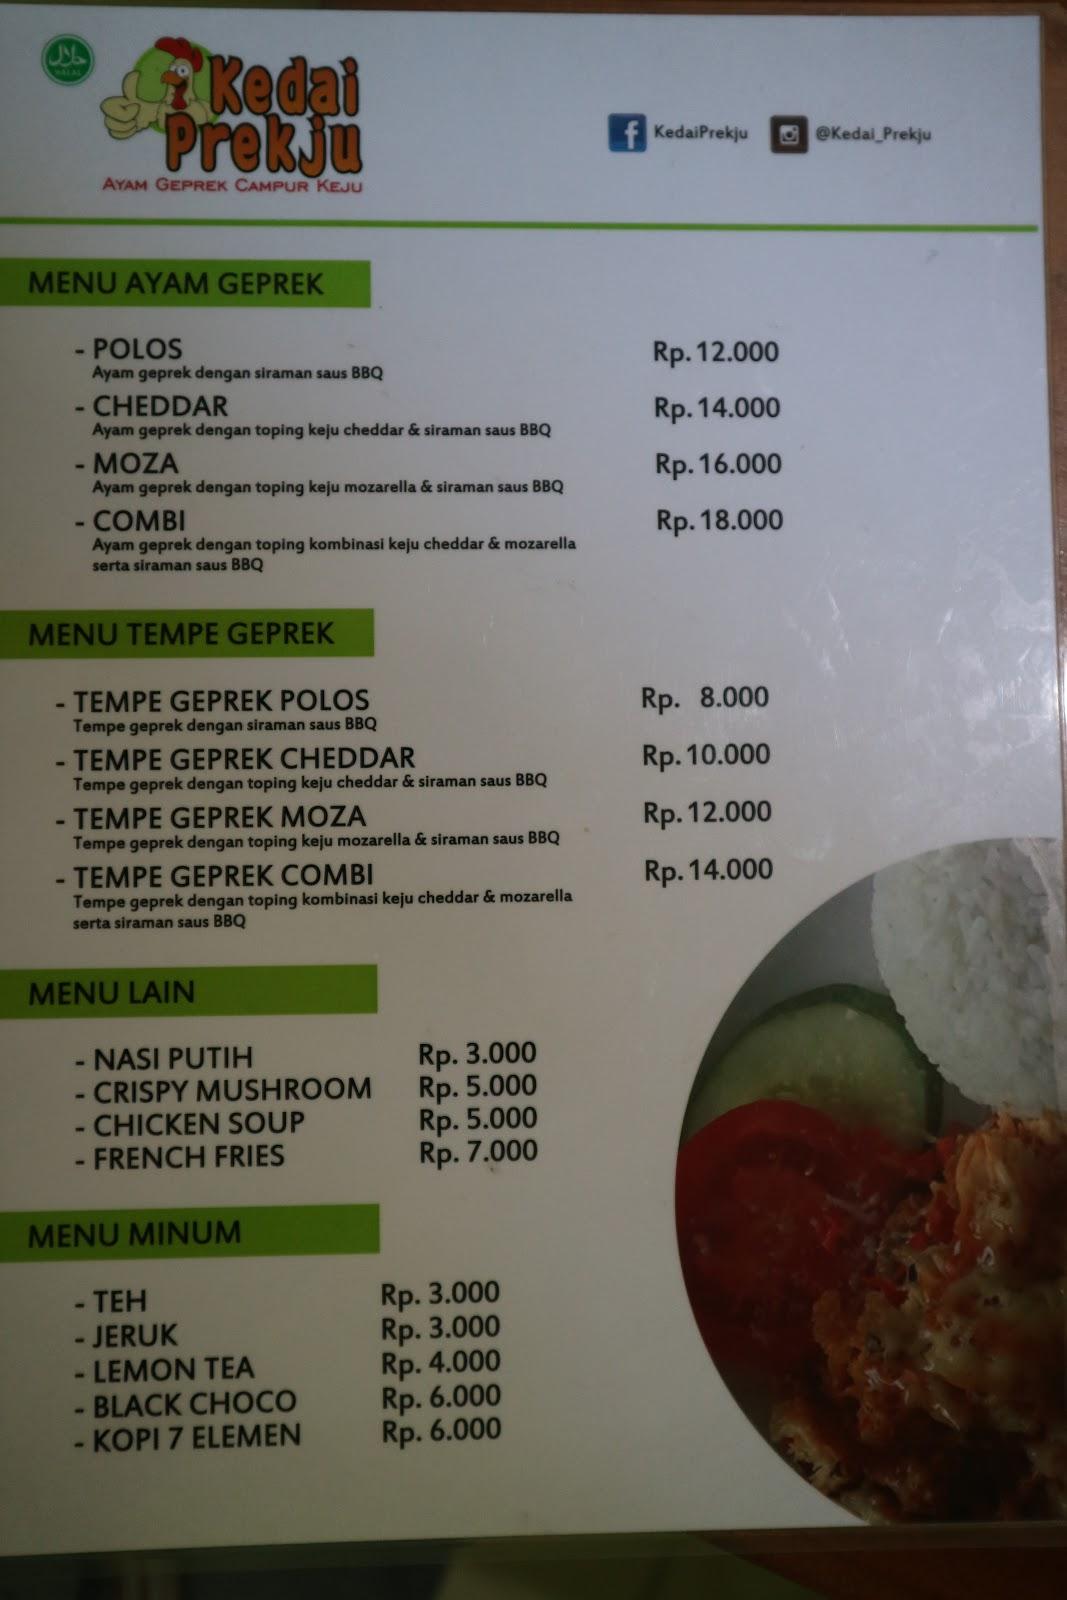 harga menu ayam geprek jogja